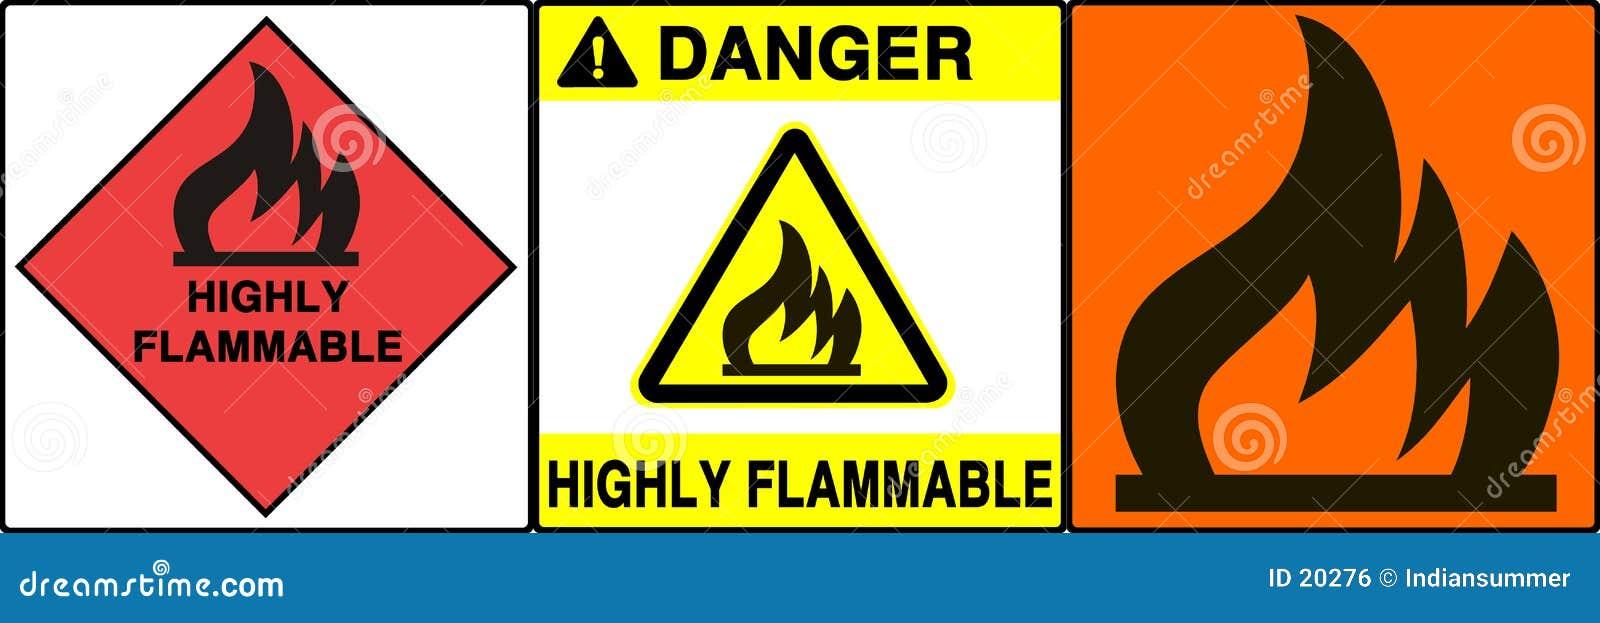 小心集合符号vi警告